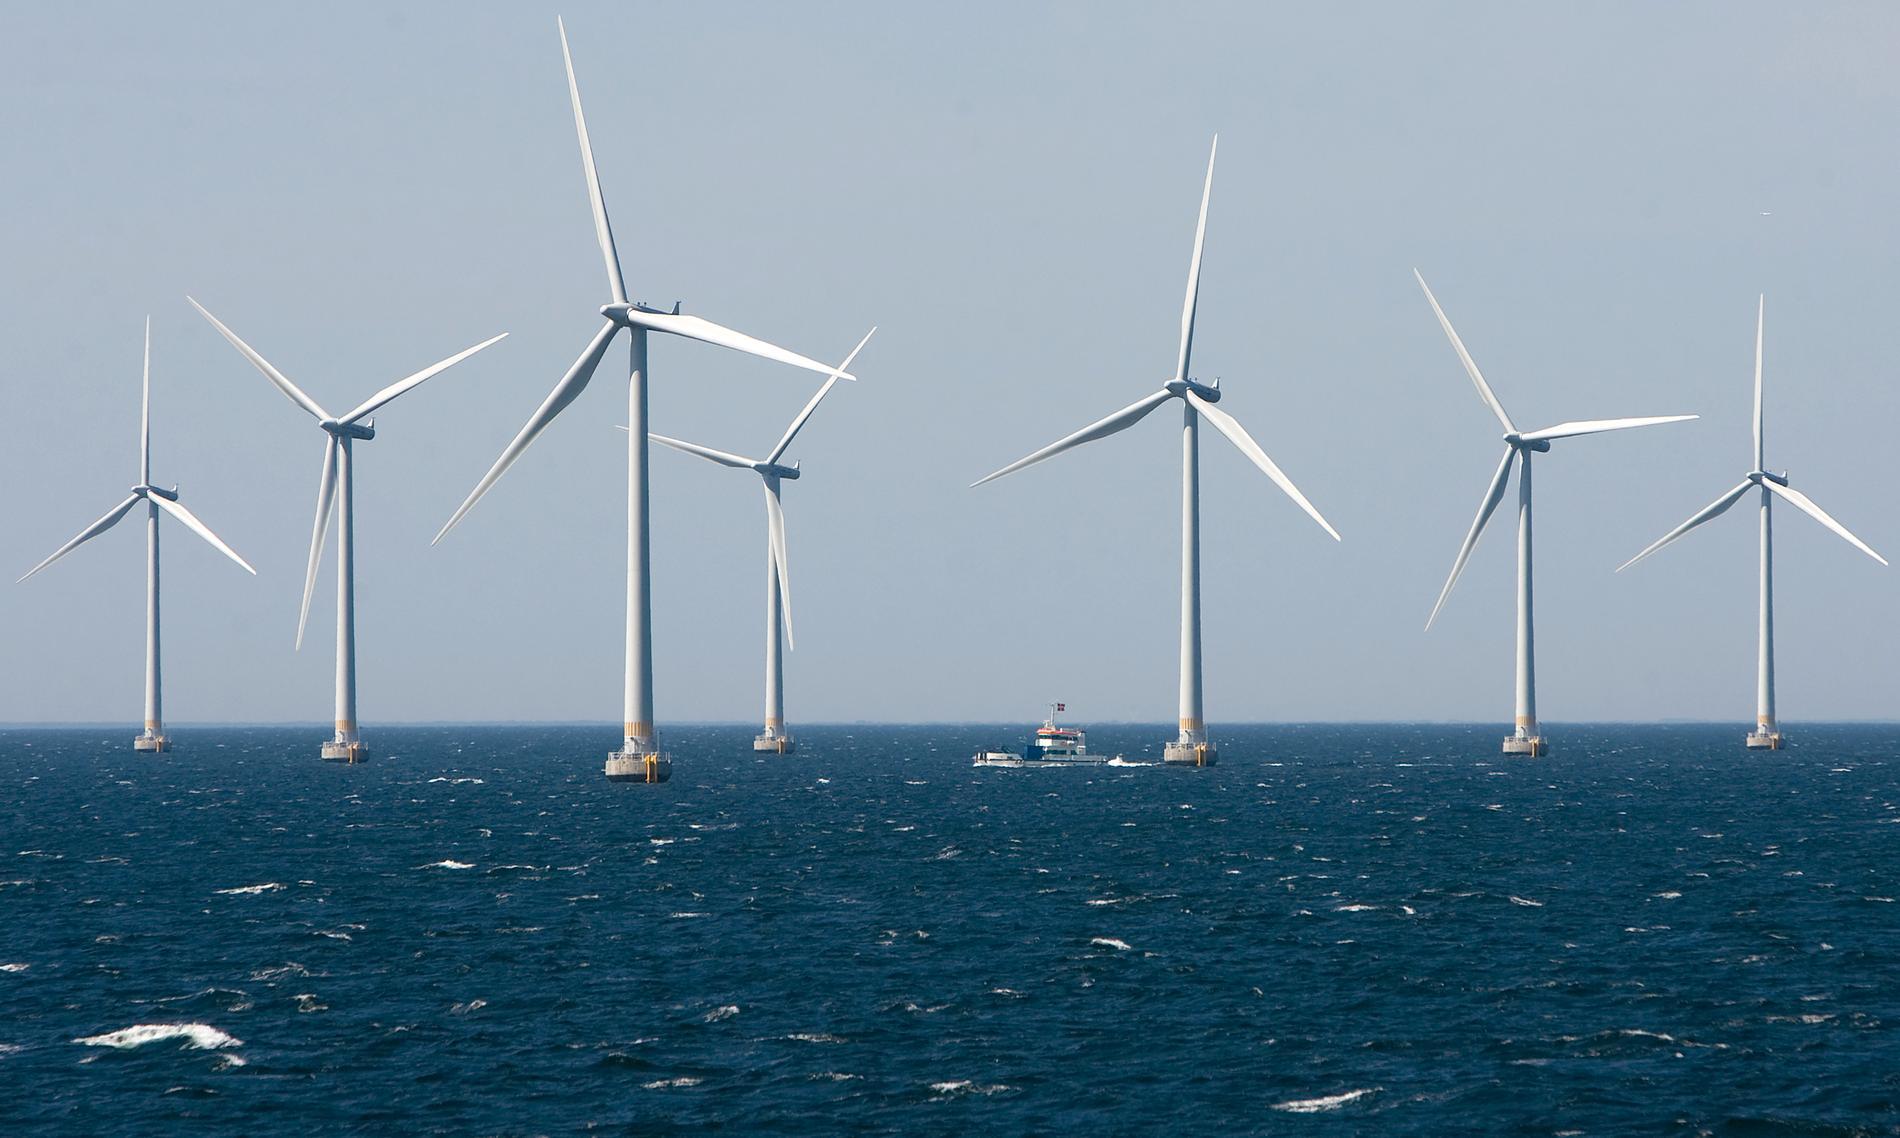 Vindkraftsparken Lillgrund i Öresund är en av de få anläggningar som än så länge finns i svenska vatten. Arkivbild.